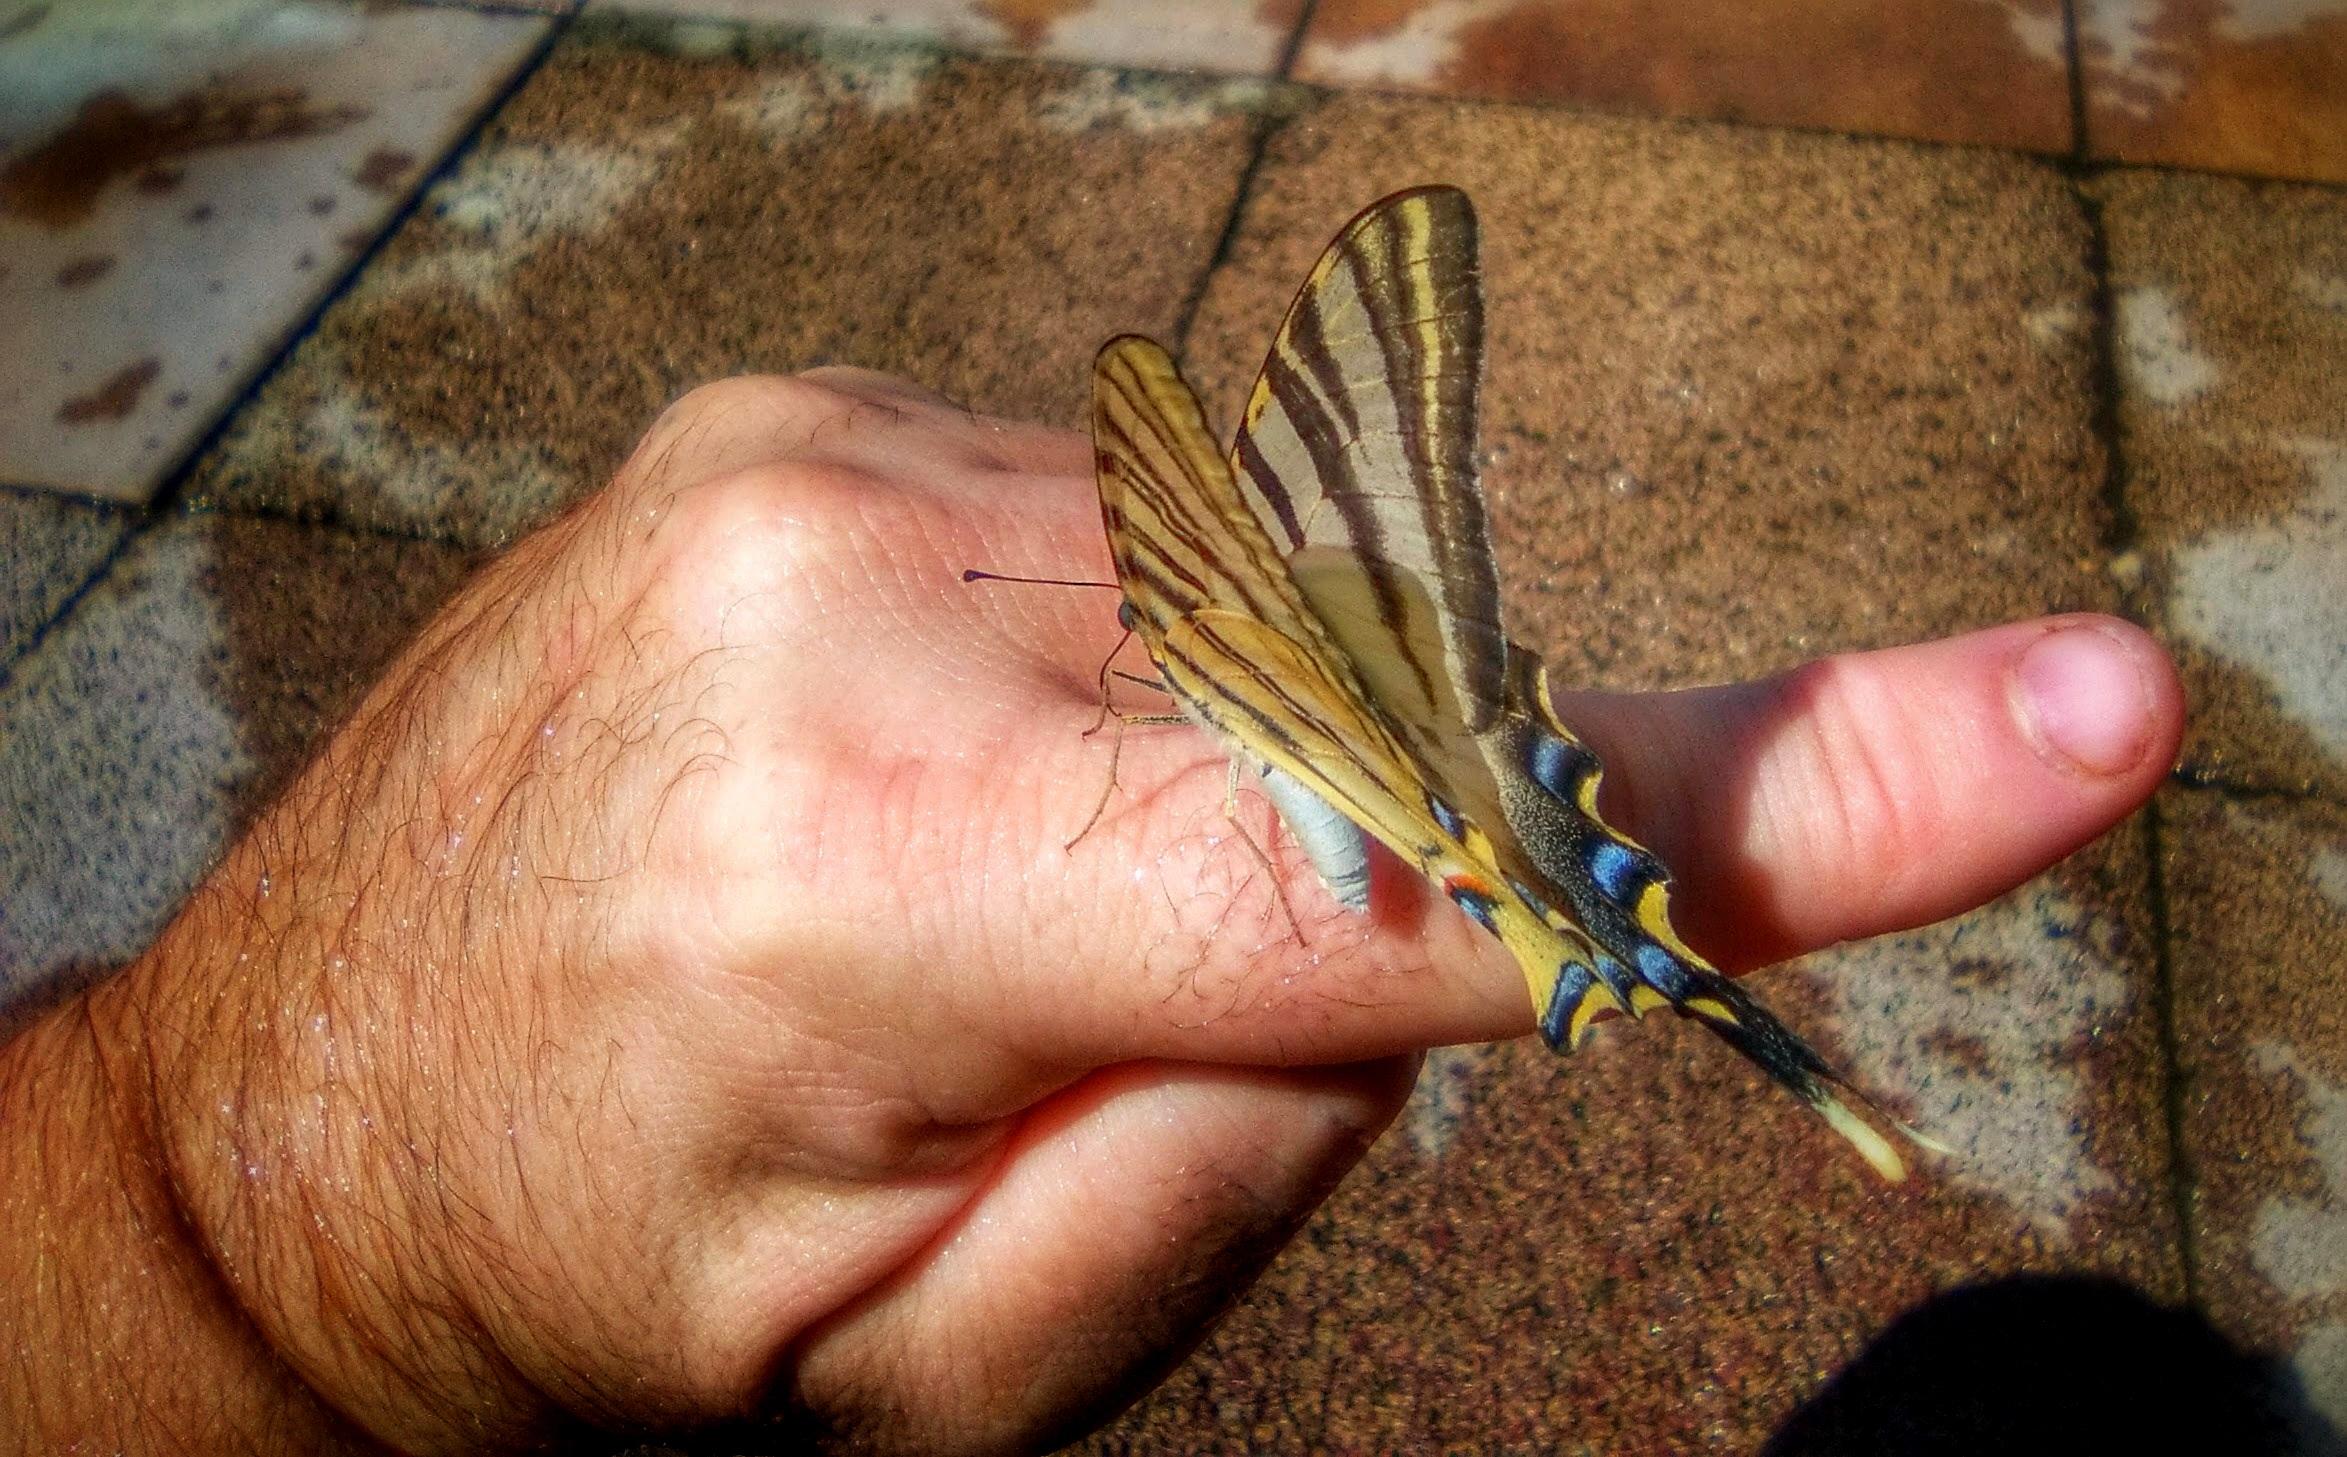 Fotos gratis : mano, hoja, dedo, insecto, polilla, mariposa ...